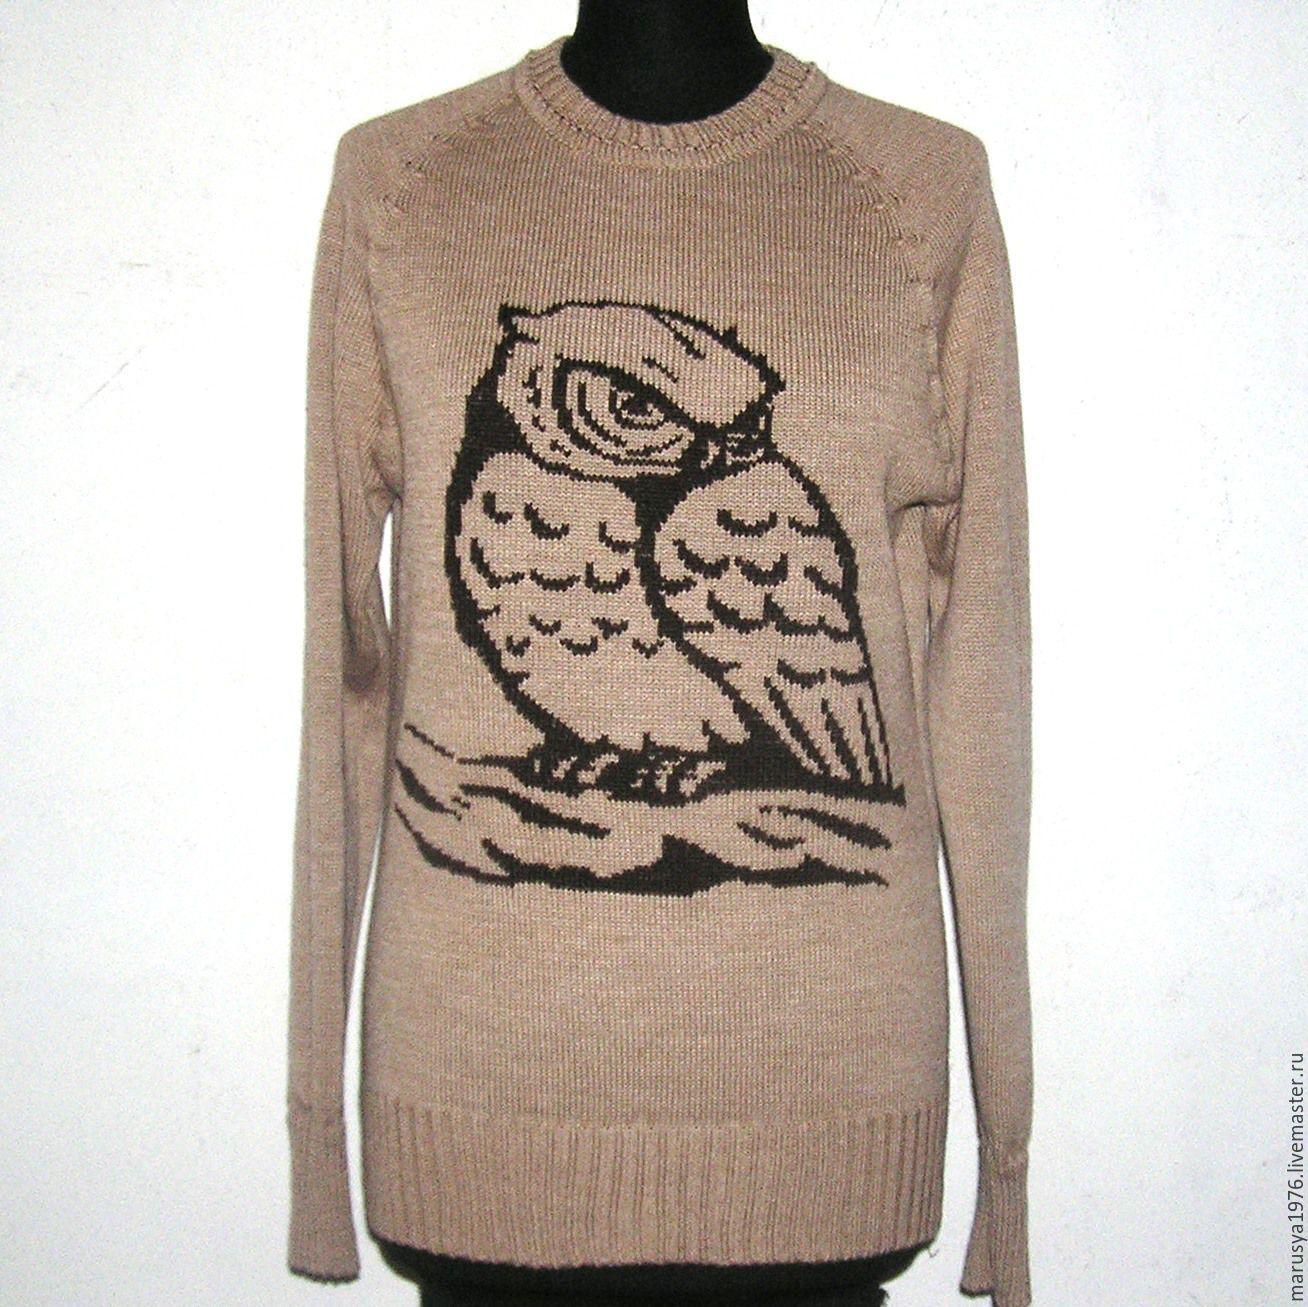 Вышивка совы на свитере